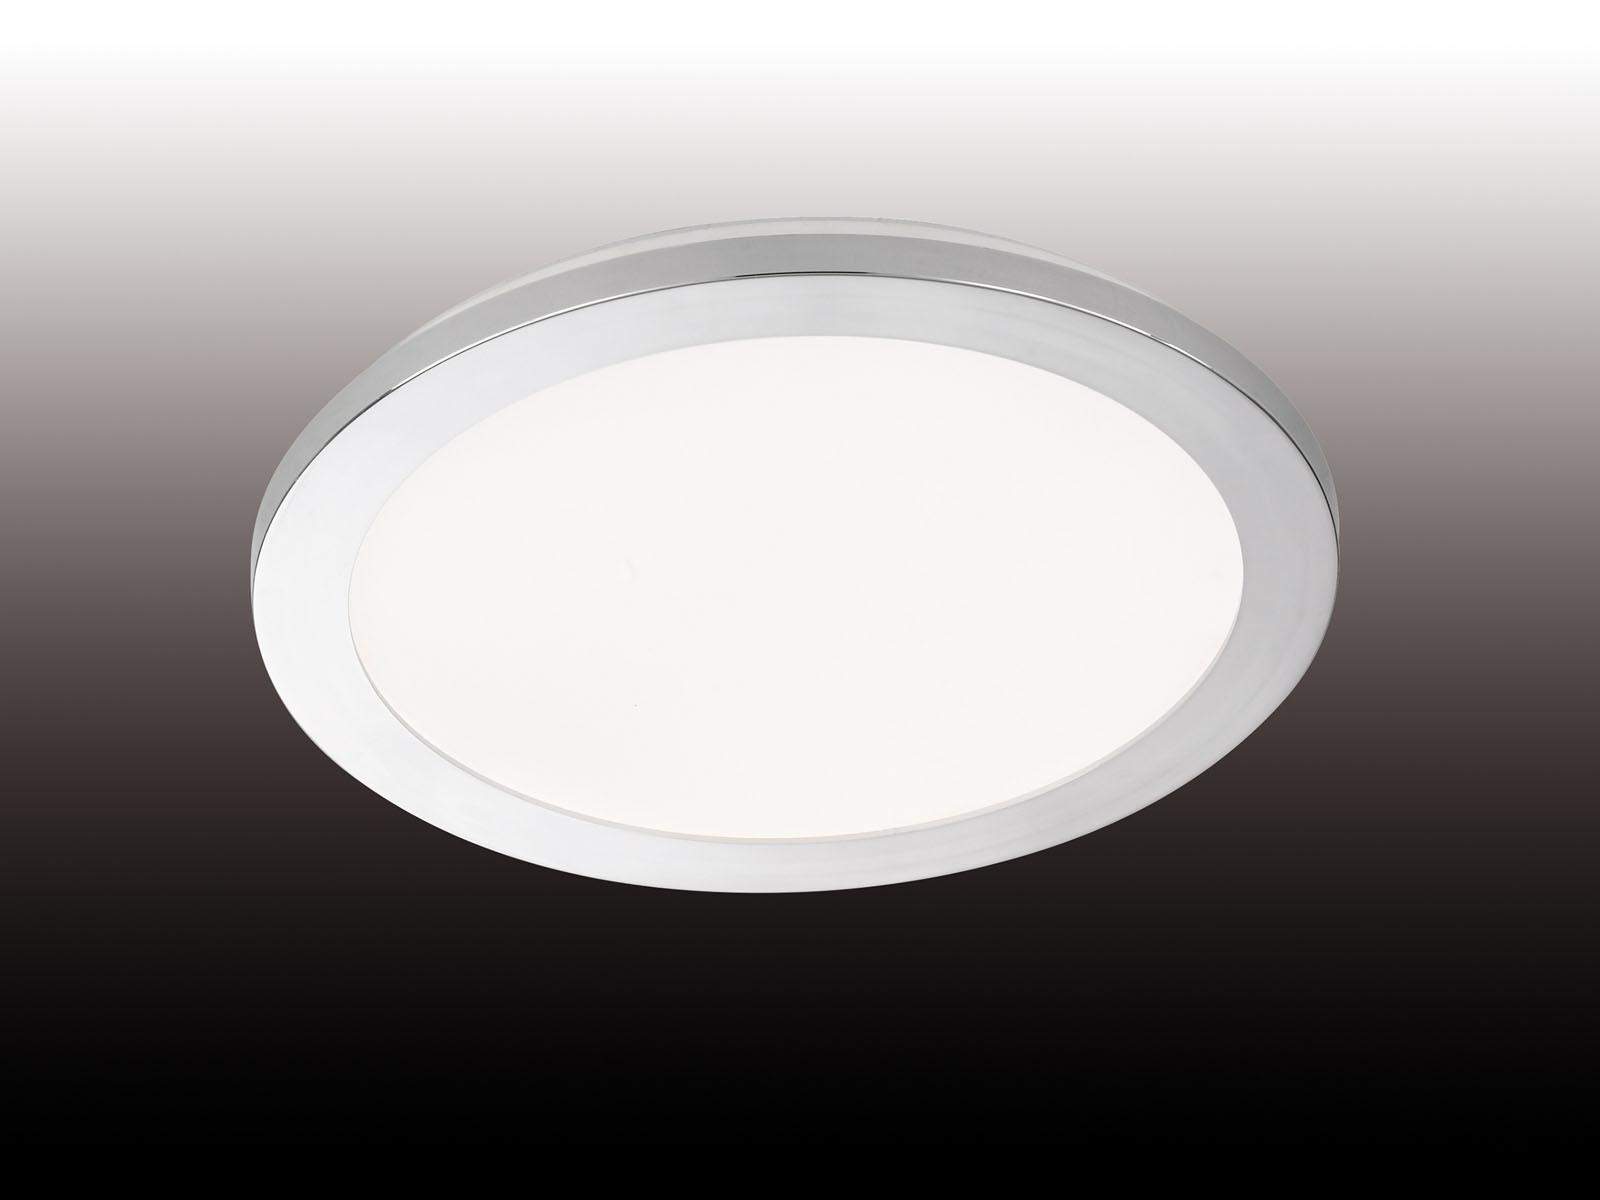 Dimmbare LED Deckenleuchte Badezimmerlampe Ø 20cm, Chrom Acrylglas weiß,  IP20